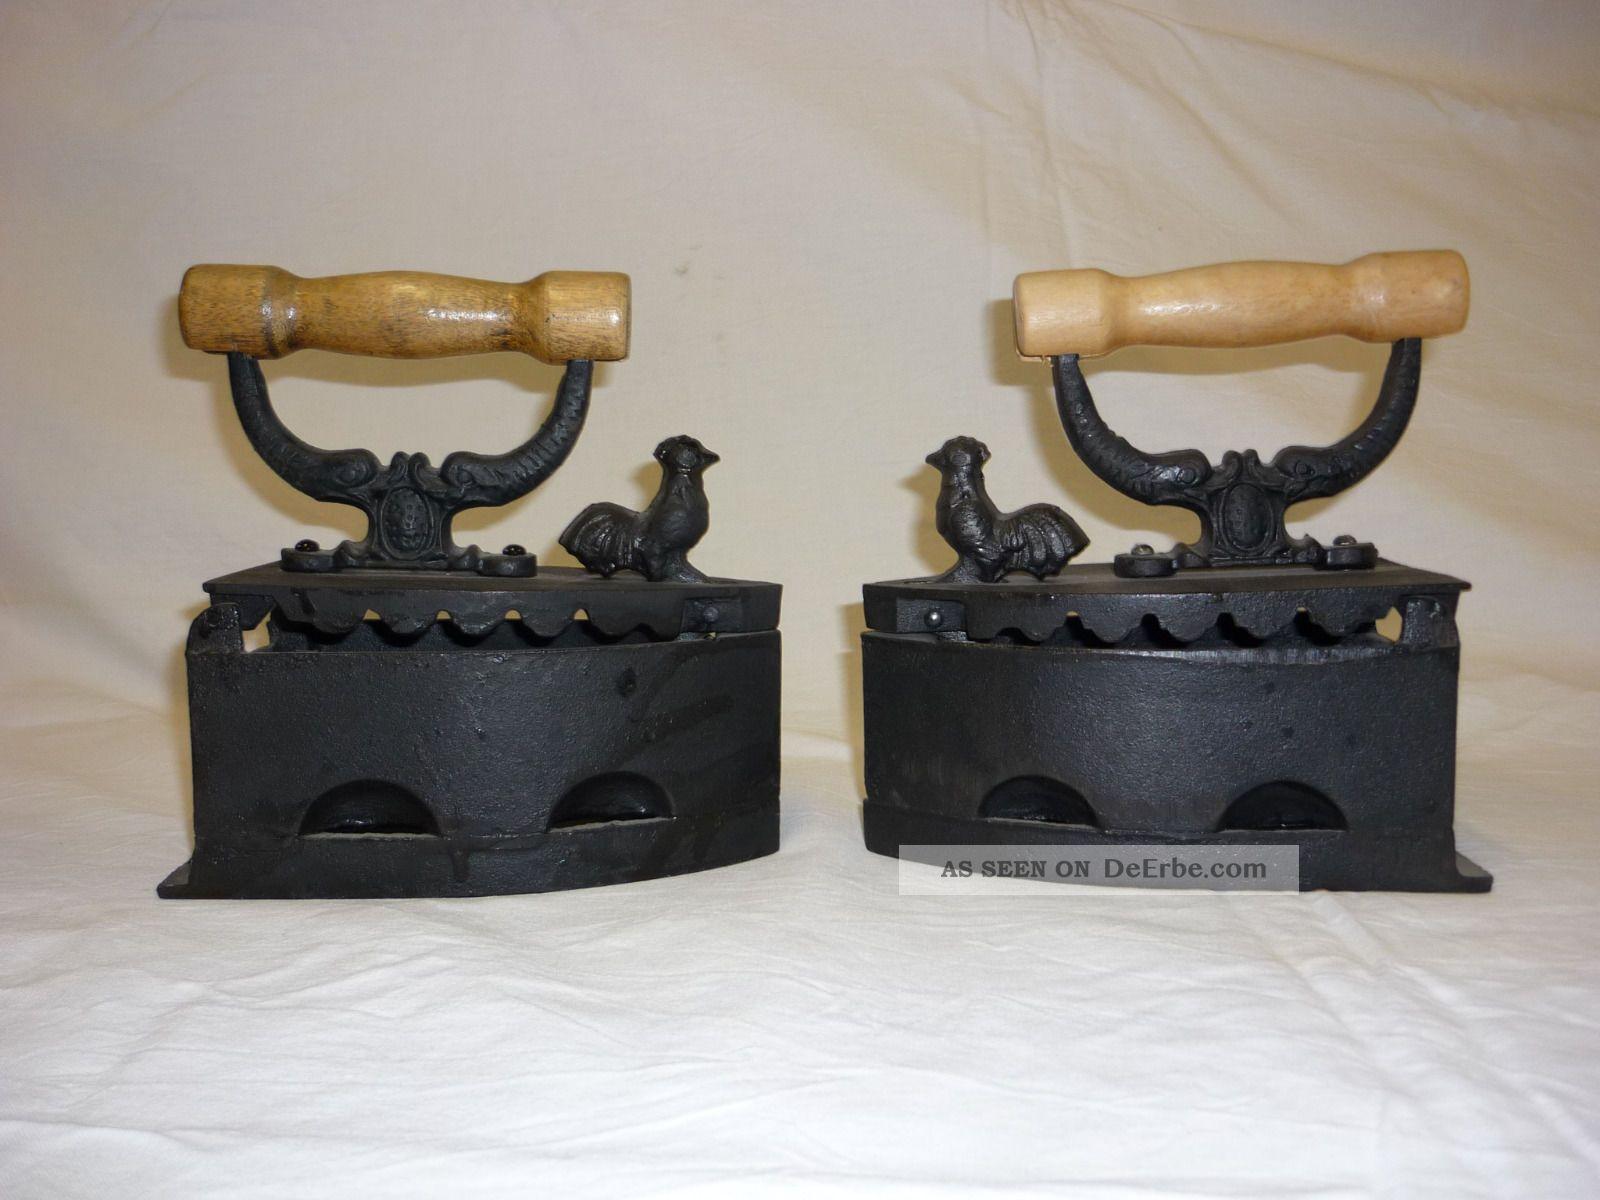 2 Alte Antike Kohle - Bügeleisen Für Deko. Haushalt Bild